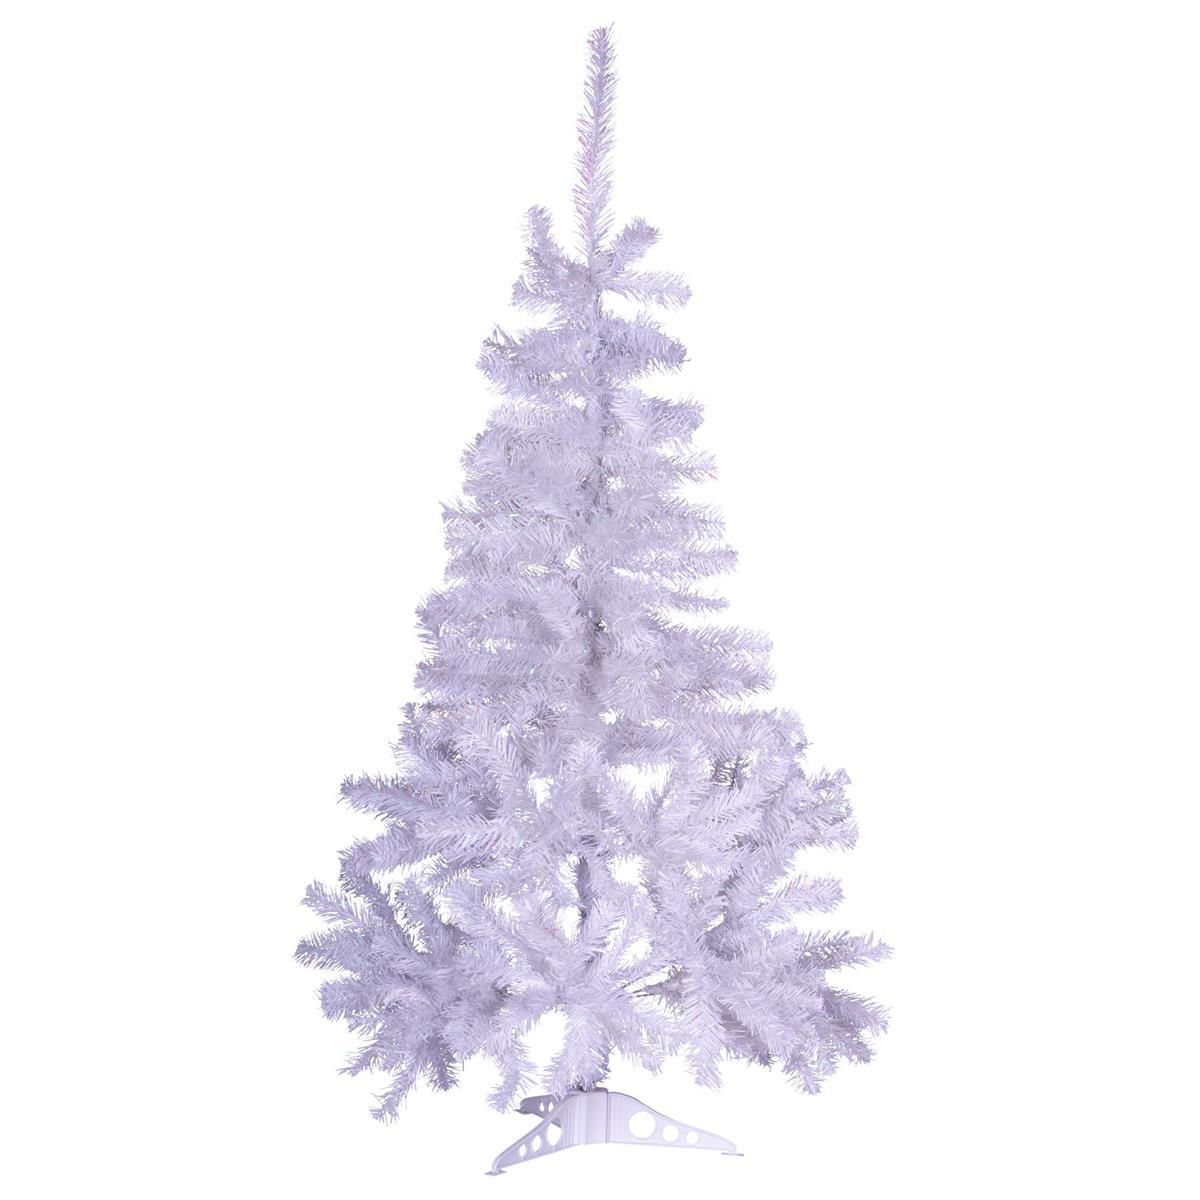 """Weihnachtsbaum """"weiß"""" mit Glitzereffekt 120 cm Christbaum mit Ständer X-Mas"""